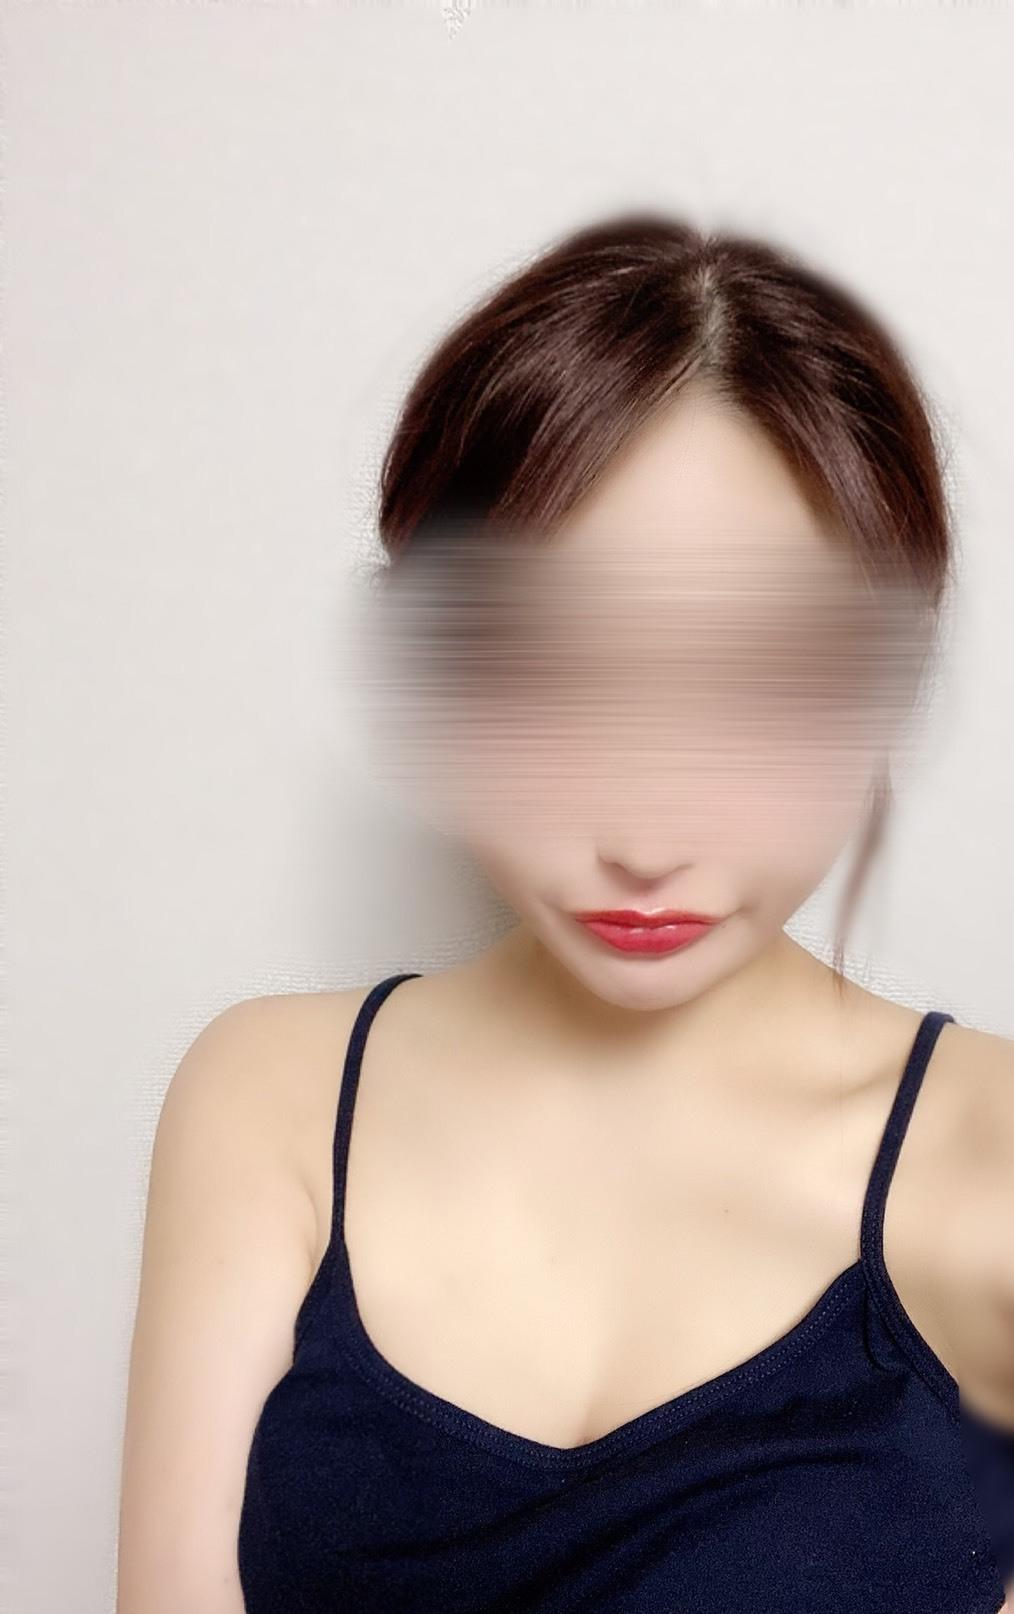 浦和高級メンズエステAROMA NINE(アロマナイン)の画像2